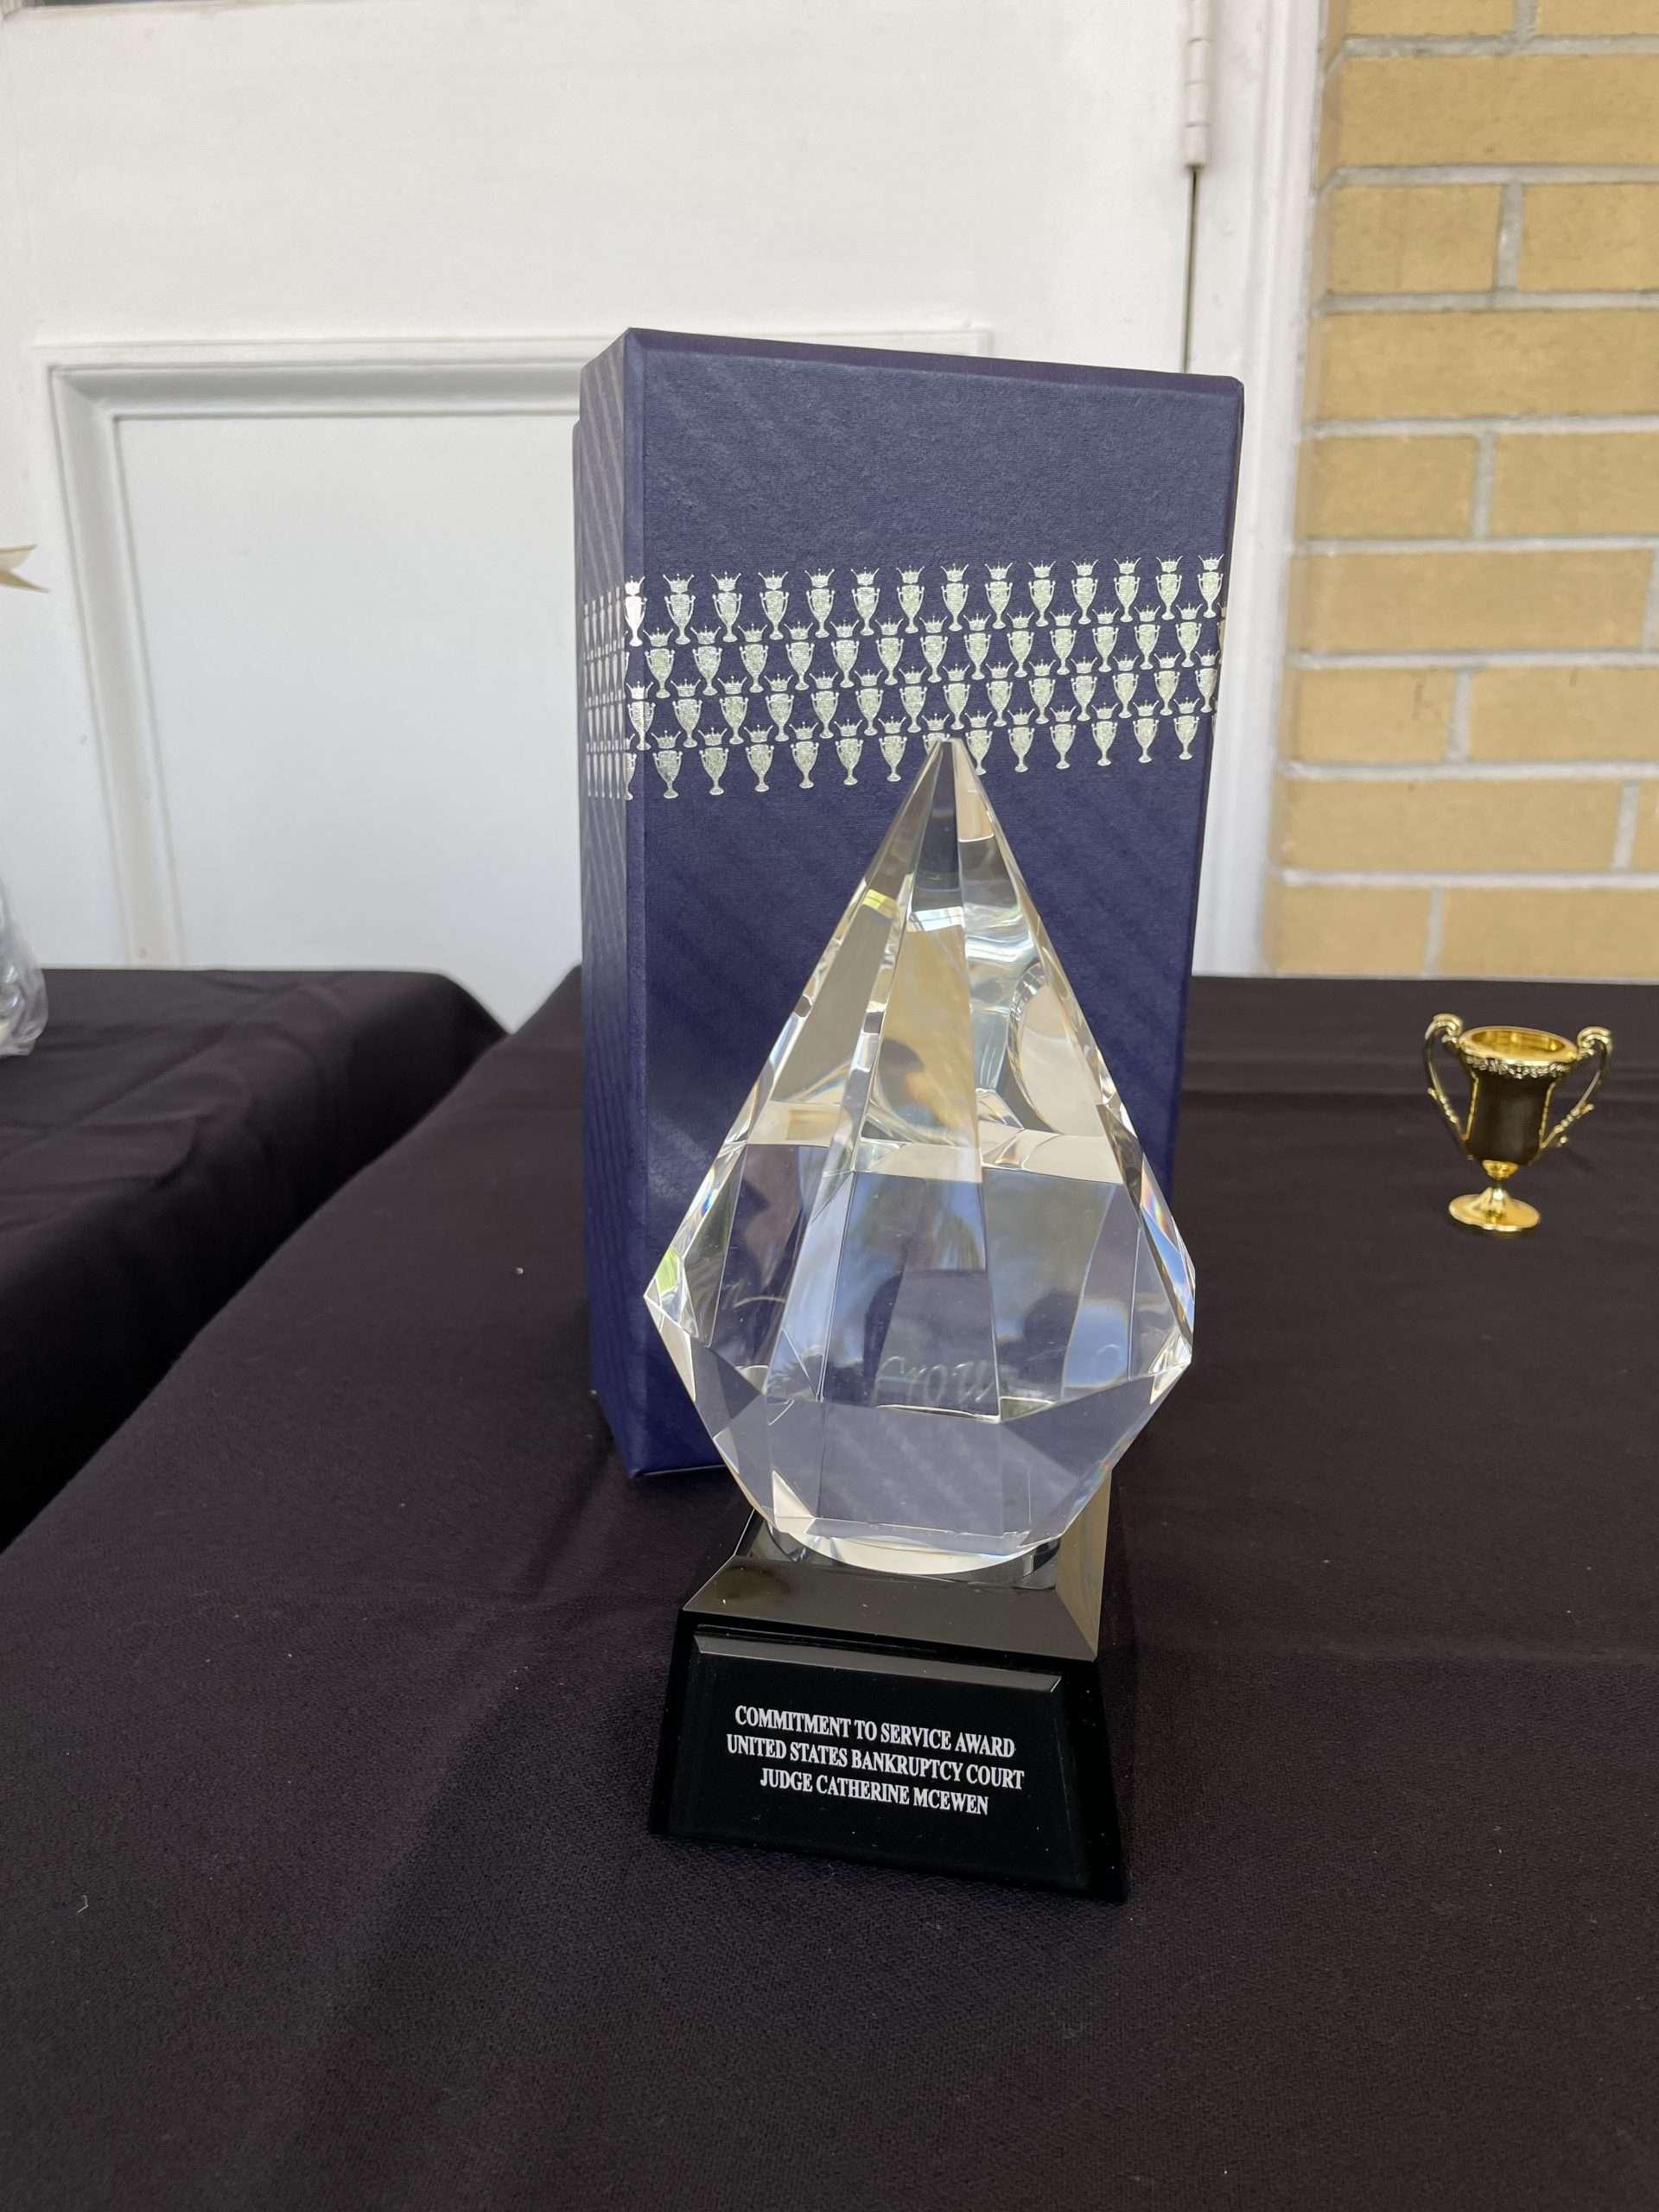 CWSP Partner Appreciation Event - Award